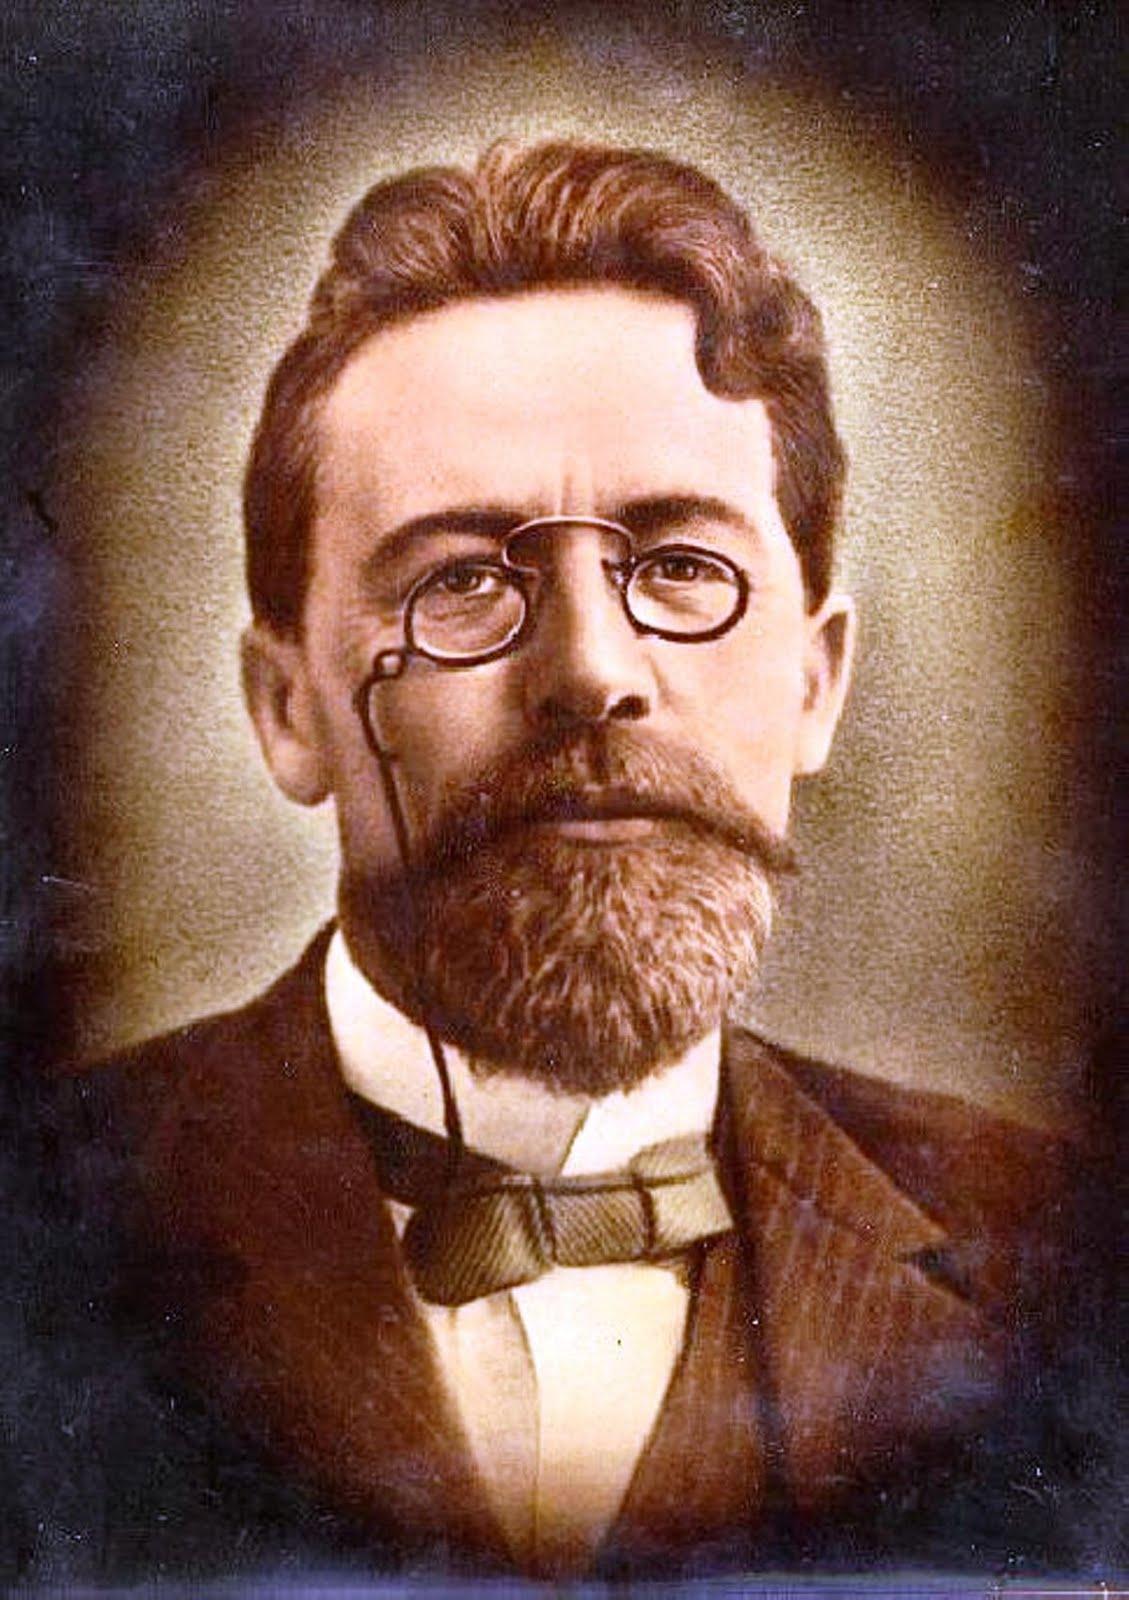 160 лет со дня рождения Антона Павловича Чехова